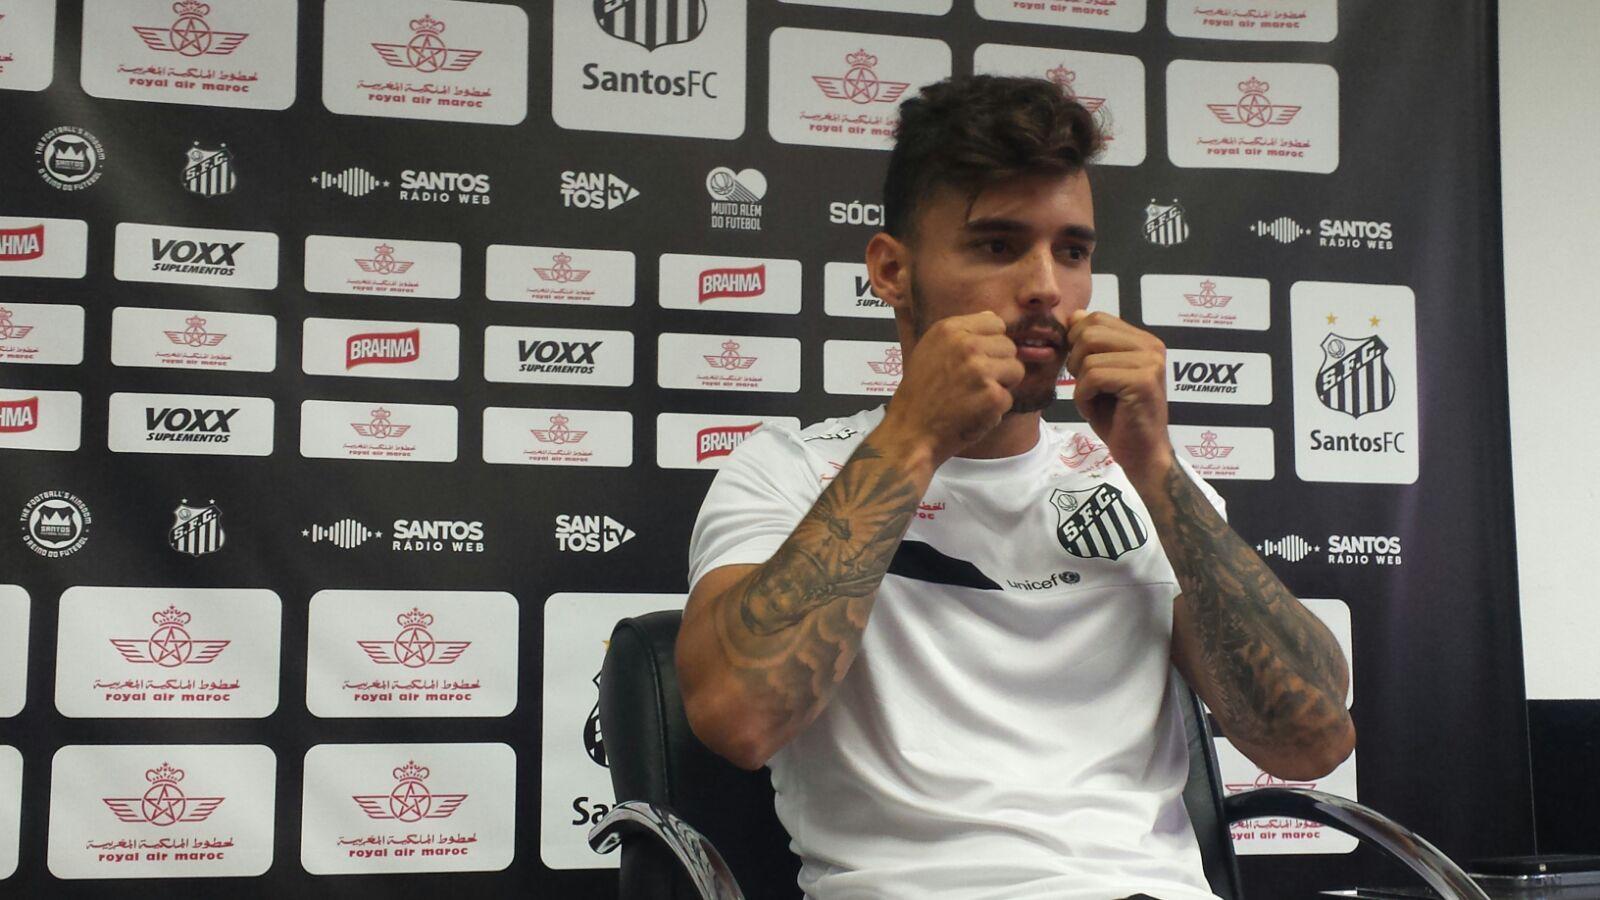 Vídeo: Fla e Santos negociam por Zeca